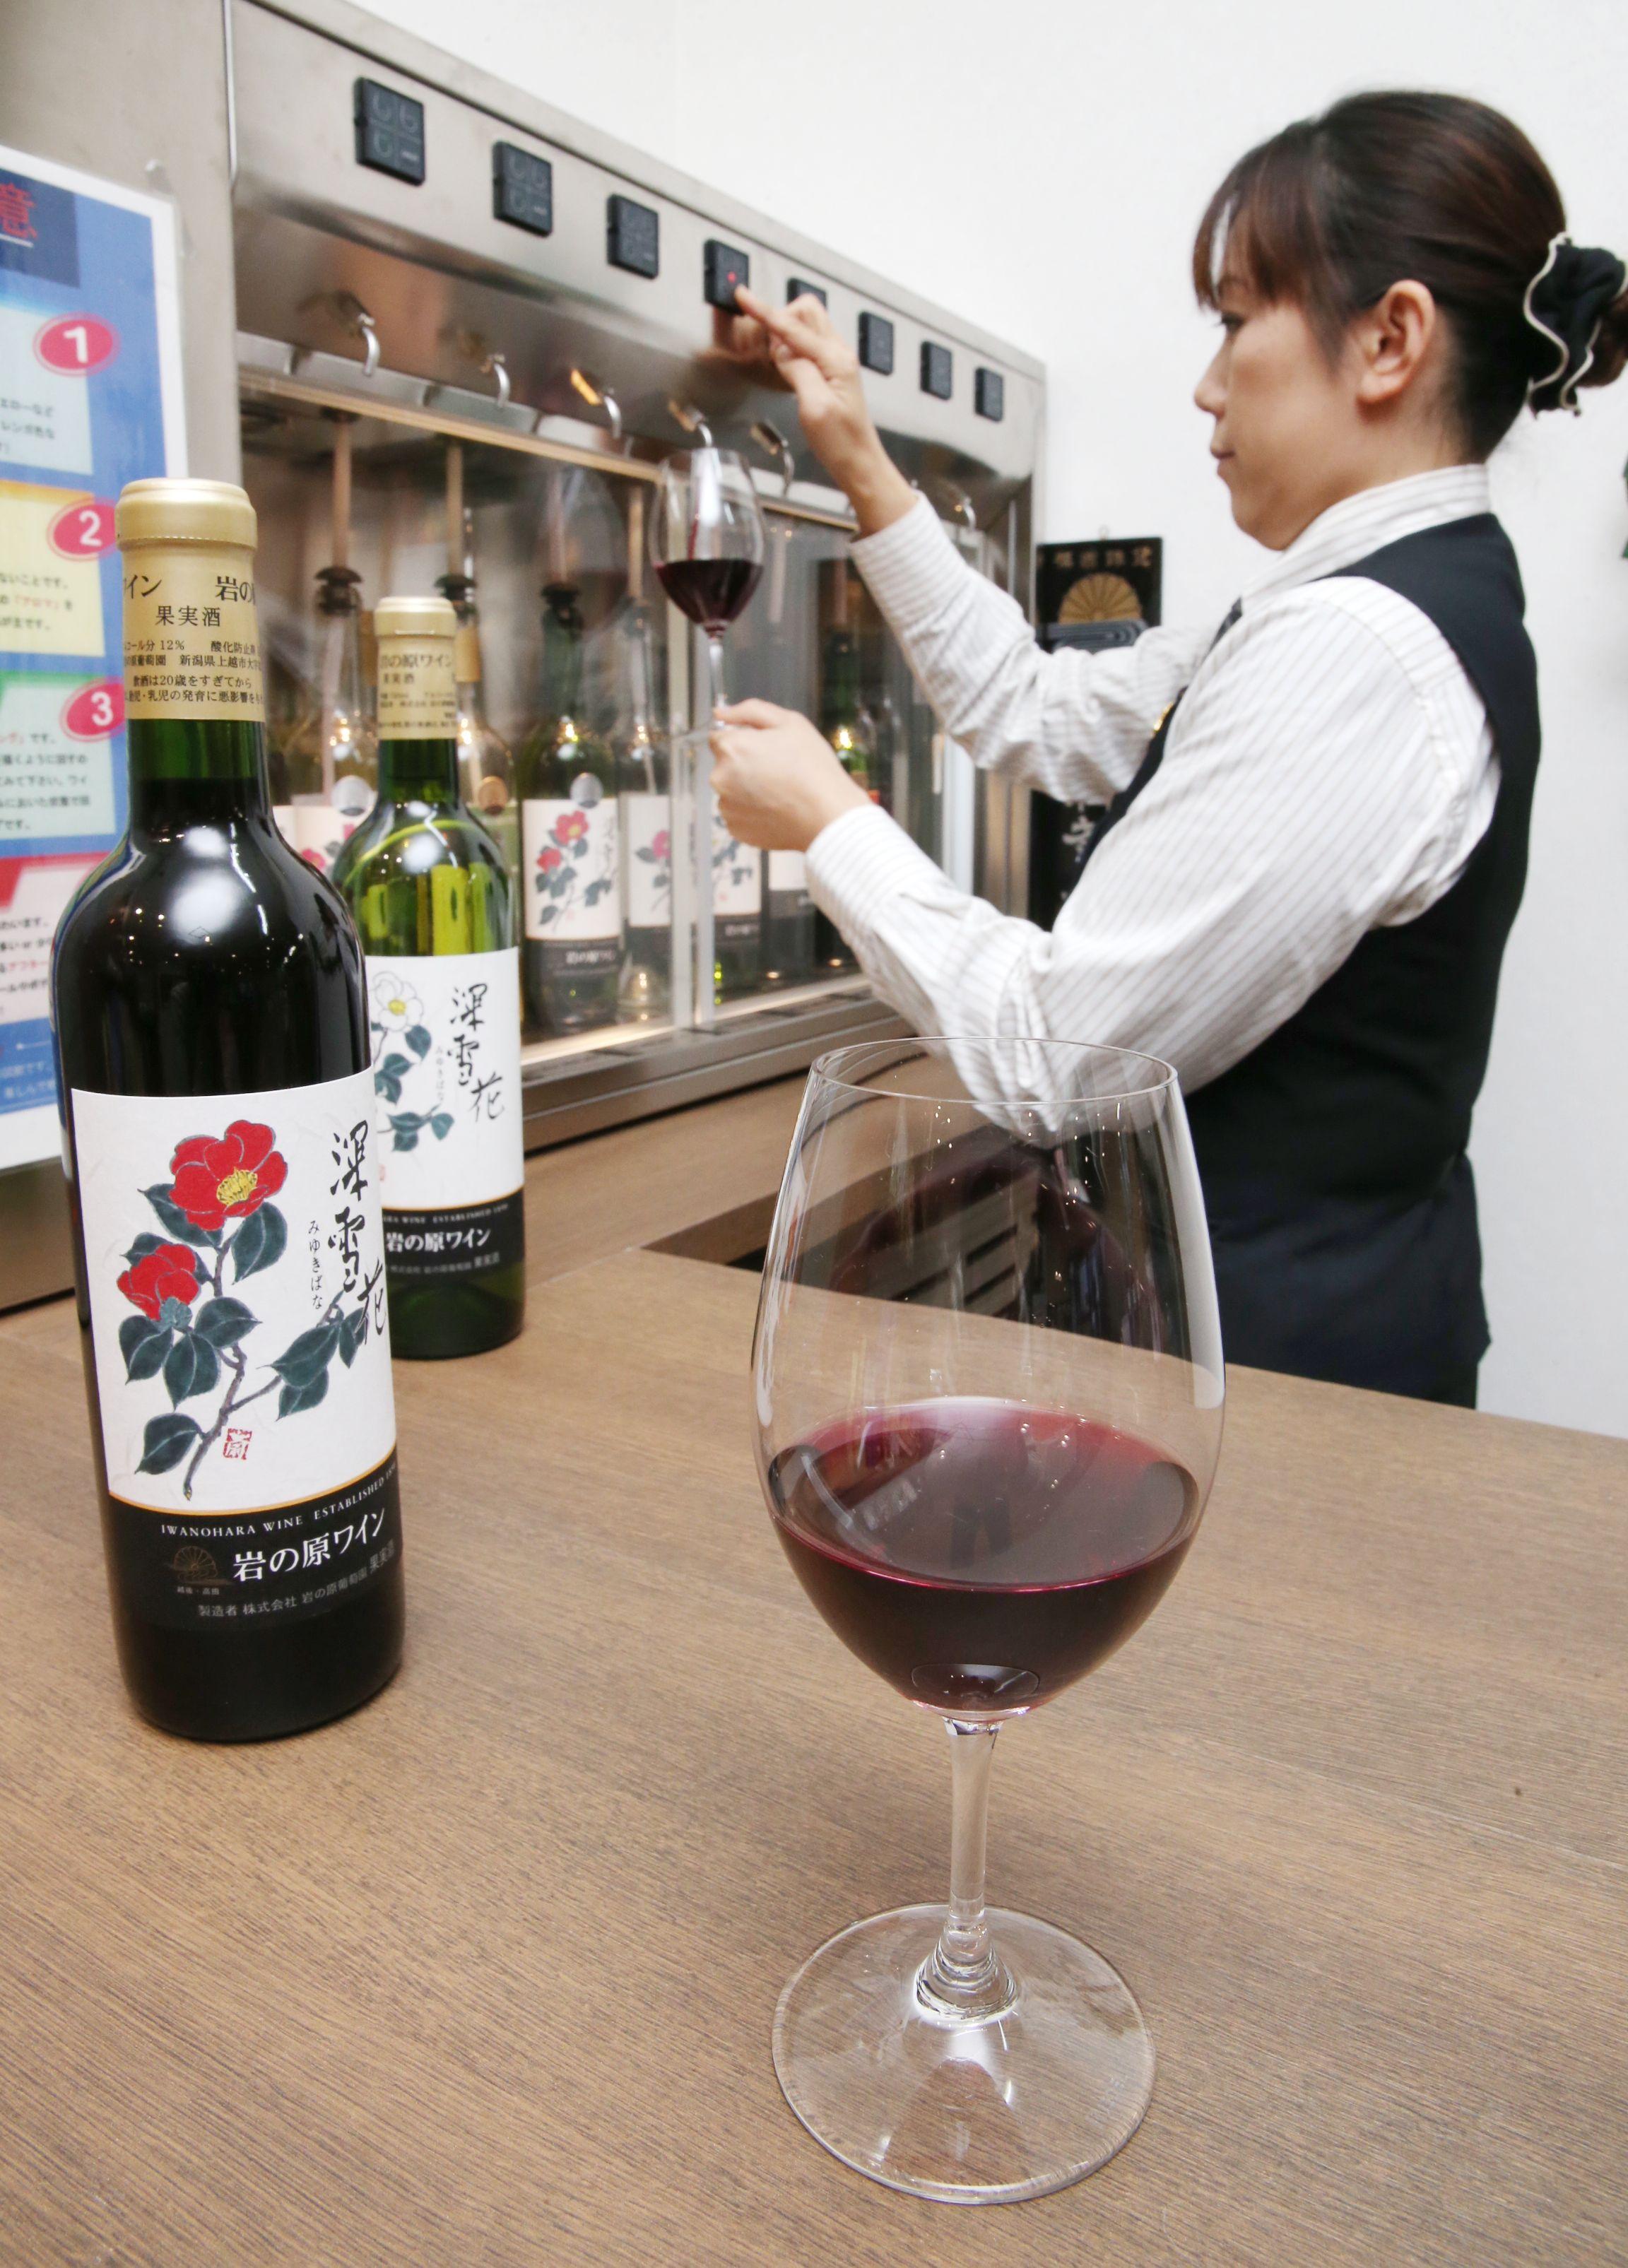 ワインショップでは飲み比べも楽しめる「深雪花」=上越市北方の岩の原葡萄園